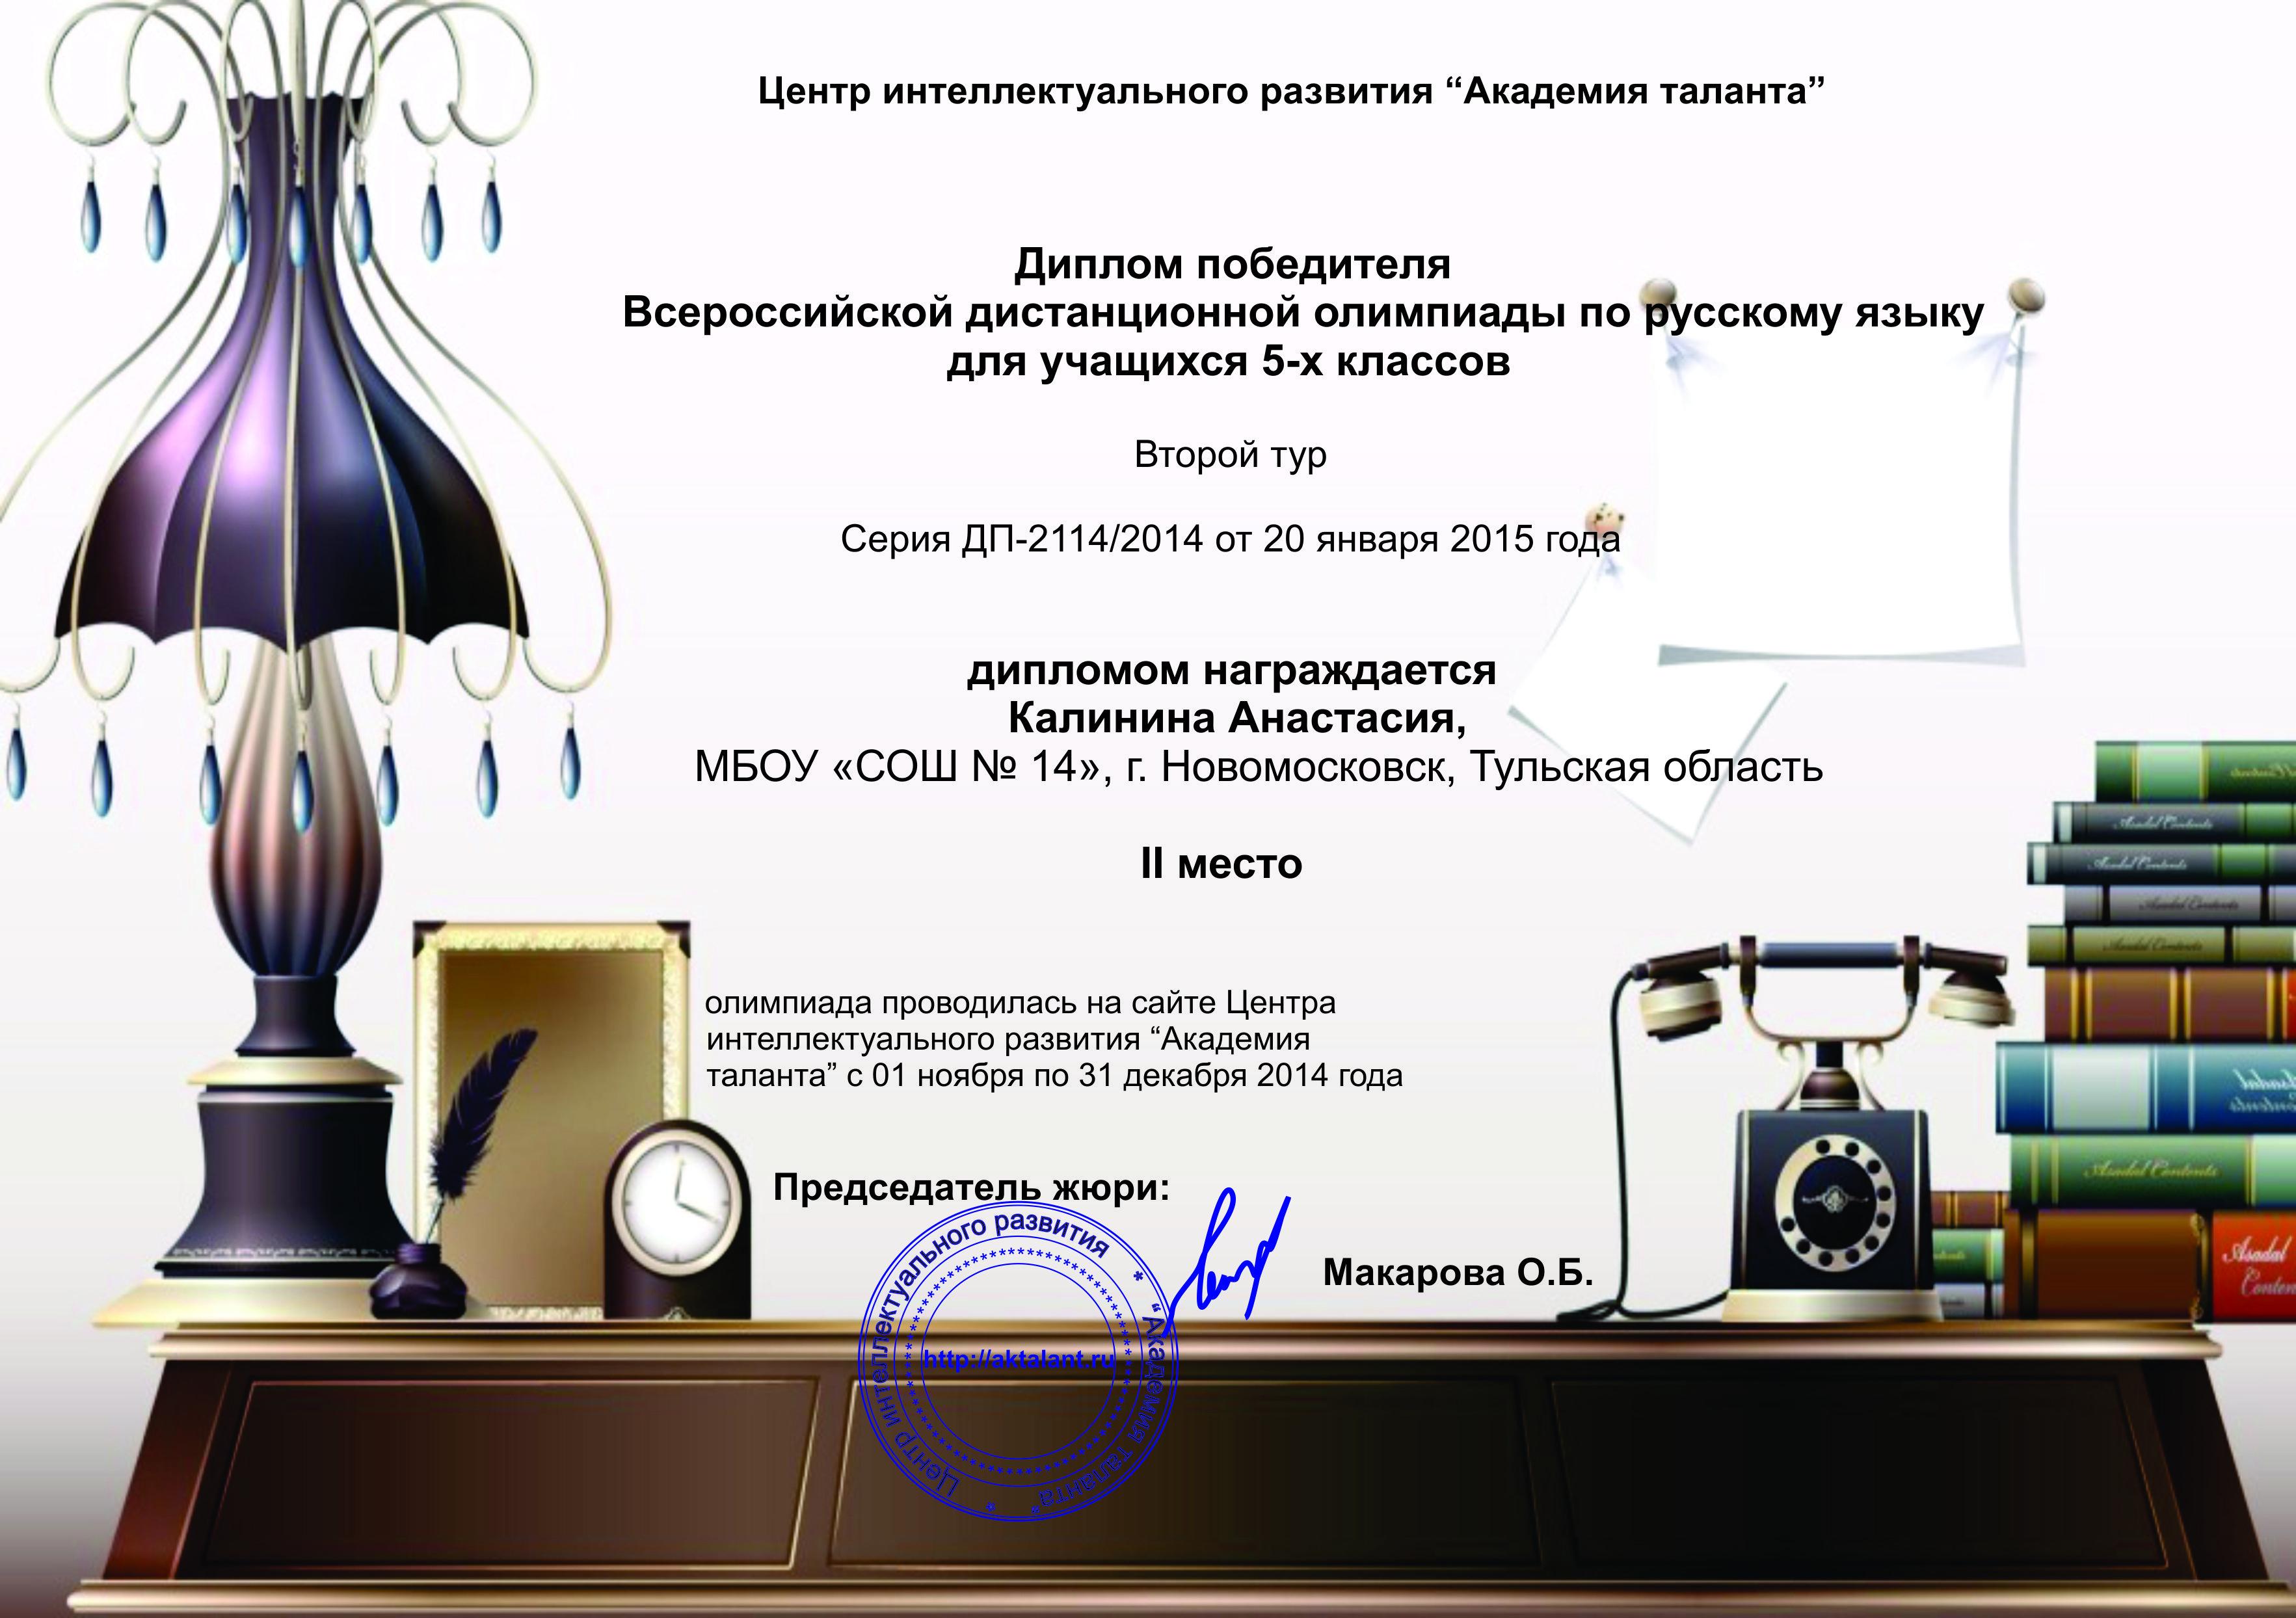 F:\Всероссийская олимпиада по русскому языку\Настя.jpg